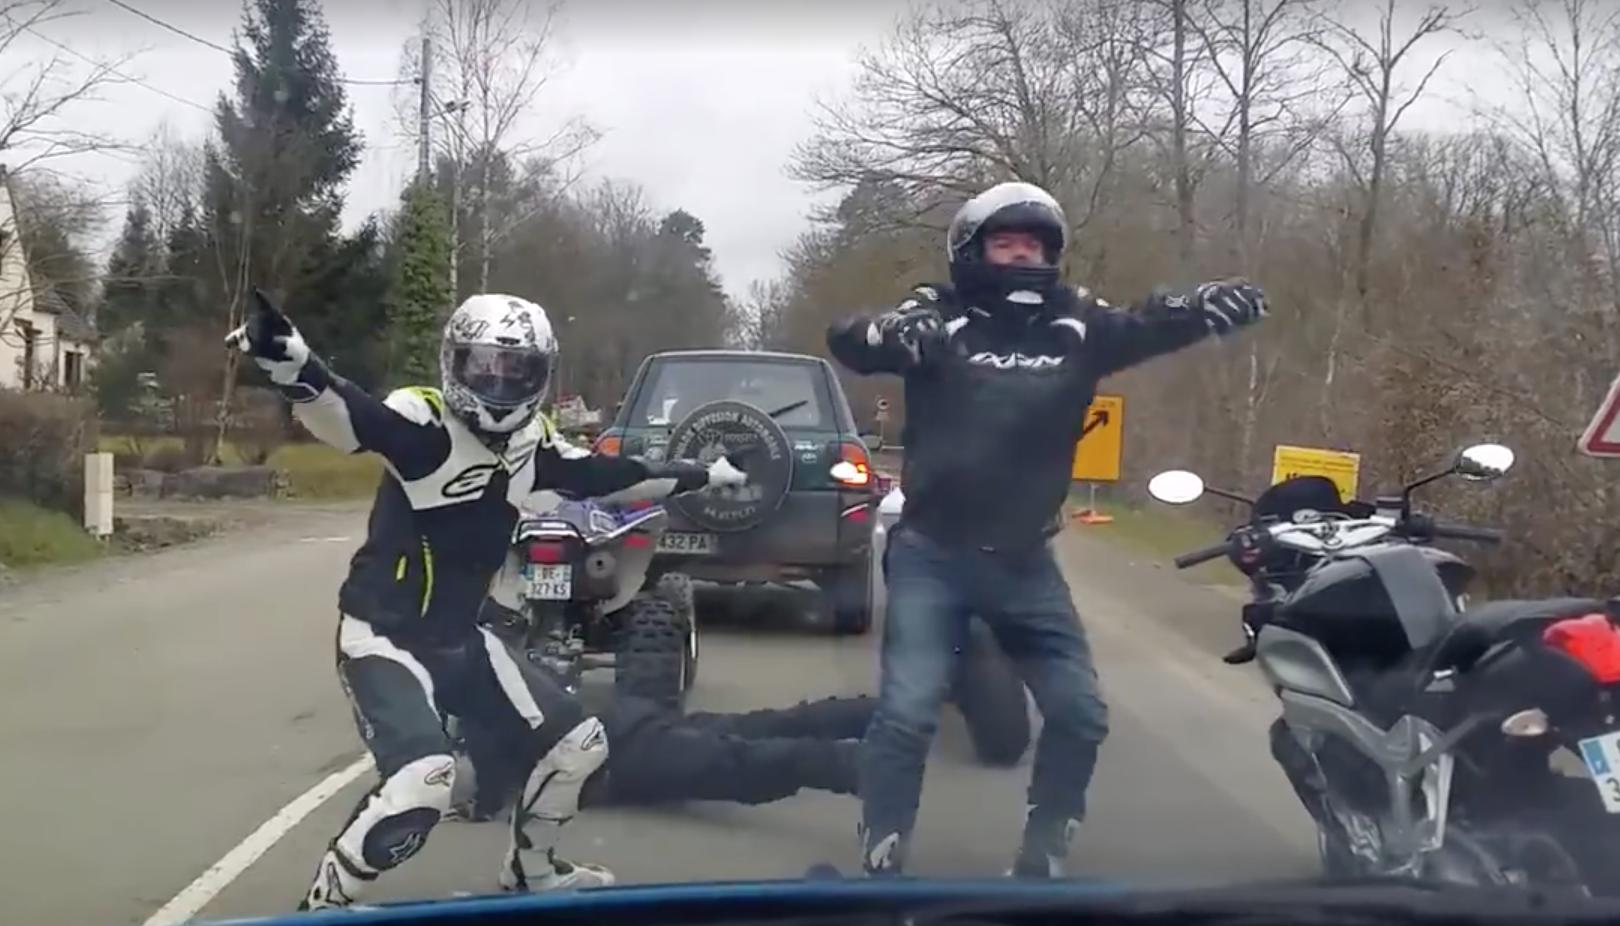 Deux motards d lirent et dansent en attendant un feu - Image drole de motard ...